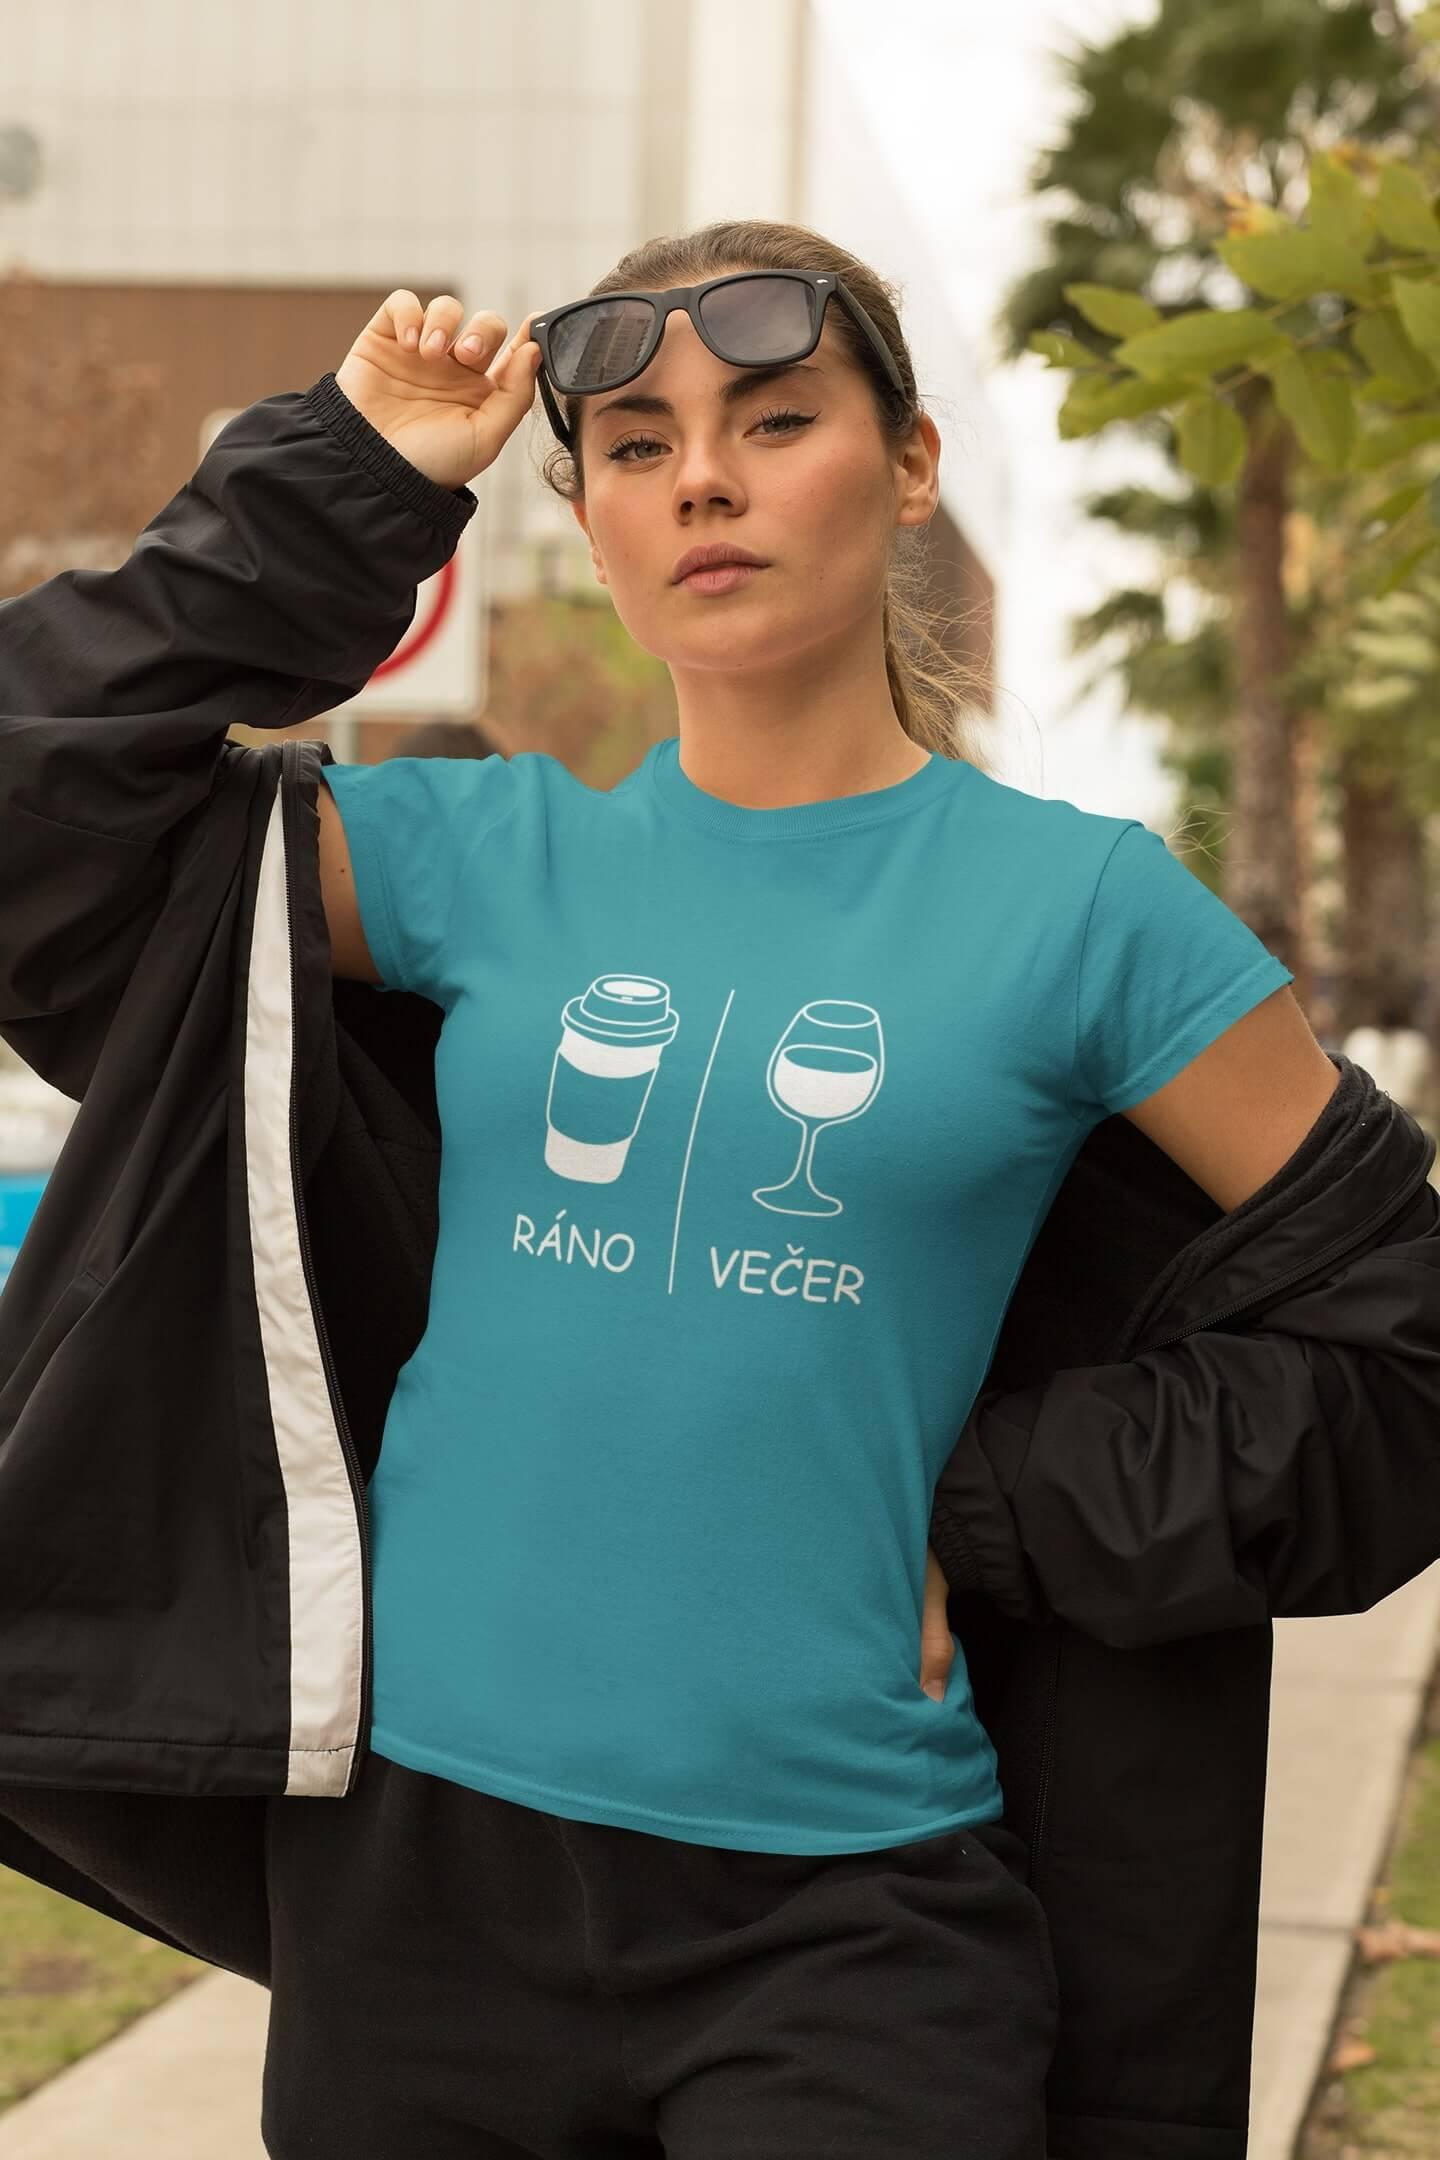 MMO Dámske tričko Ráno/večer Vyberte farbu: Tyrkysová, Vyberte veľkosť: XS